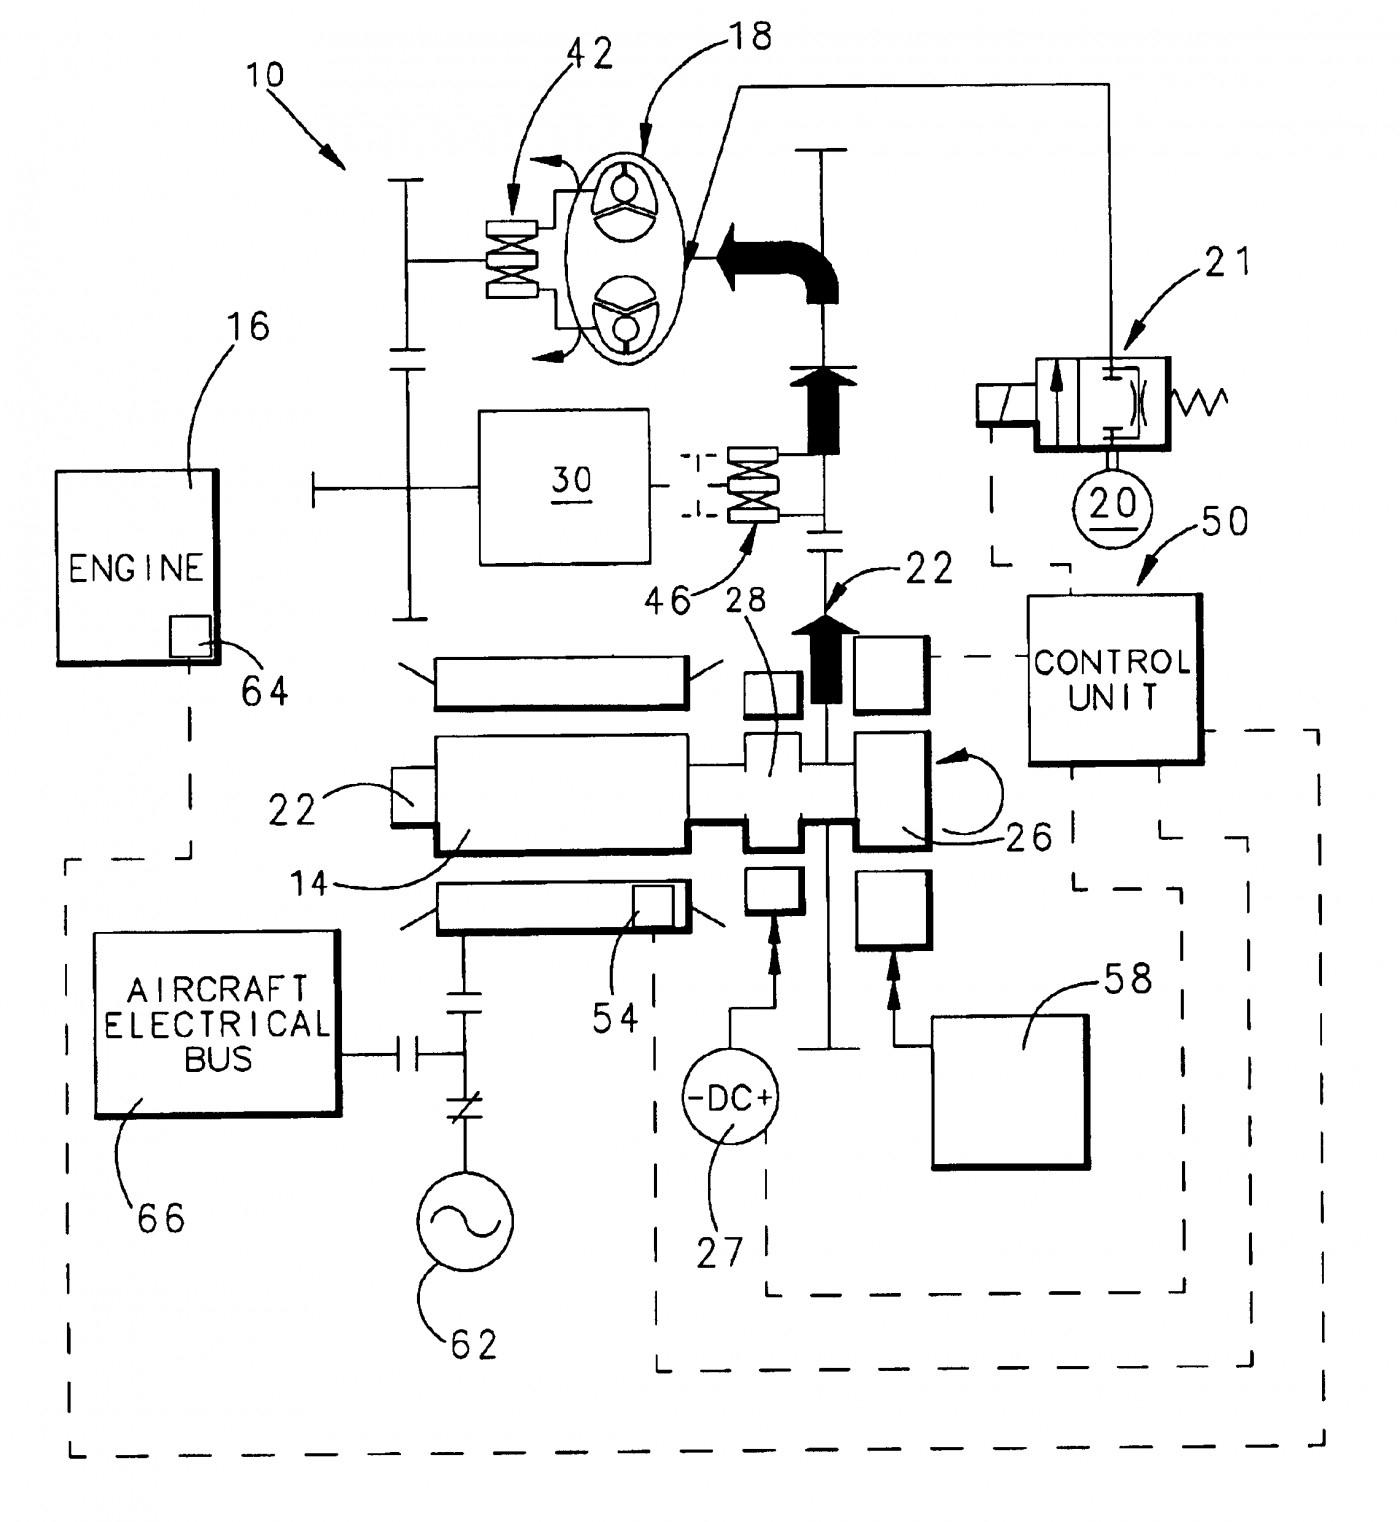 electric generator diagram olympian generator wiring diagram electric